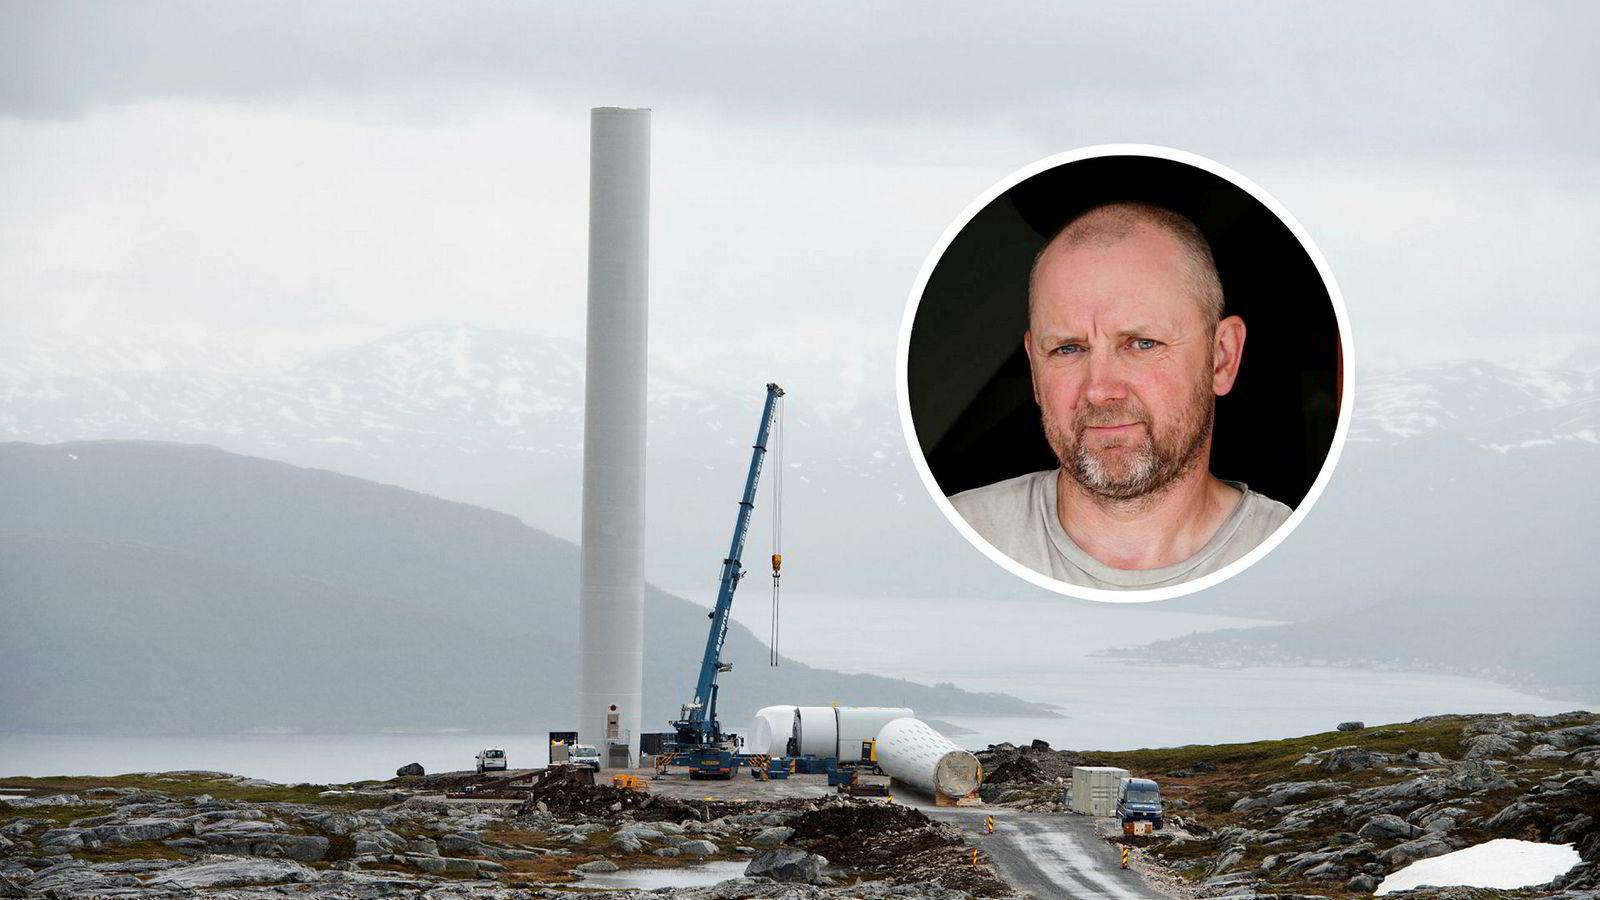 Utbygging av Nordlys Vindpark på Kvaløya i Tromsø kommune rett ved ferieparadiset Sommarøy. Den første turbinen reises. Hans-Harald Fallet Habberstad er en av grunneierne som har trukket seg fra avtalen med utbyggeren.